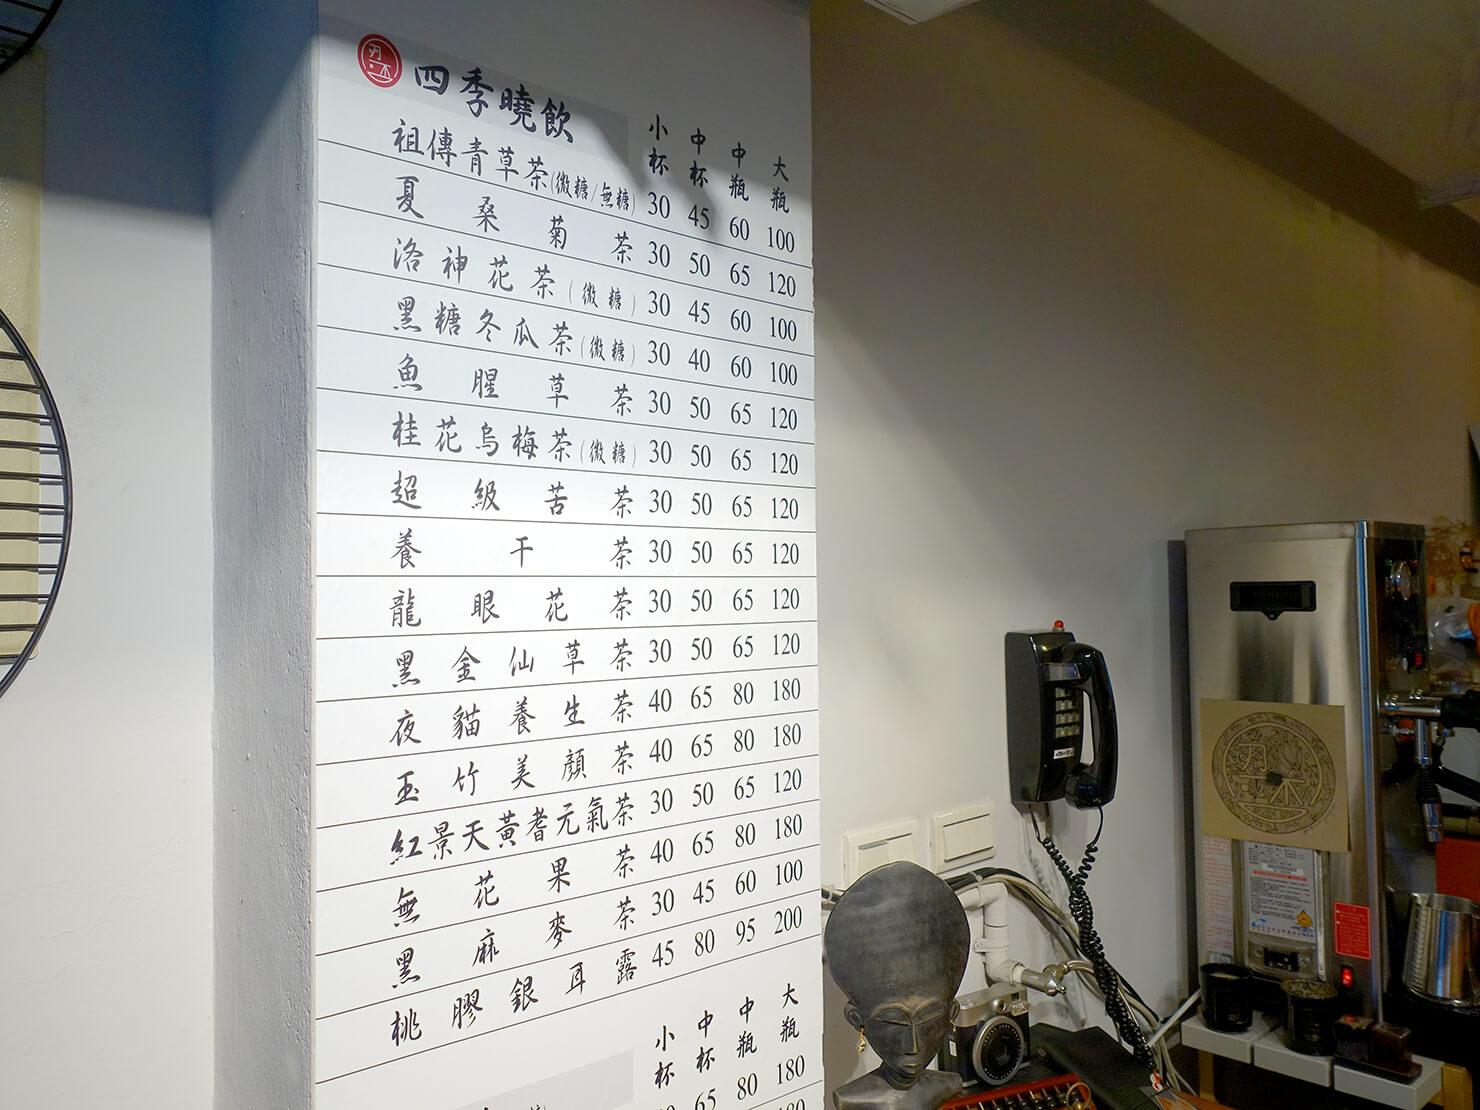 台北・臨江街夜市のおすすめグルメ店「一兩十錢青草舖」のメニュー